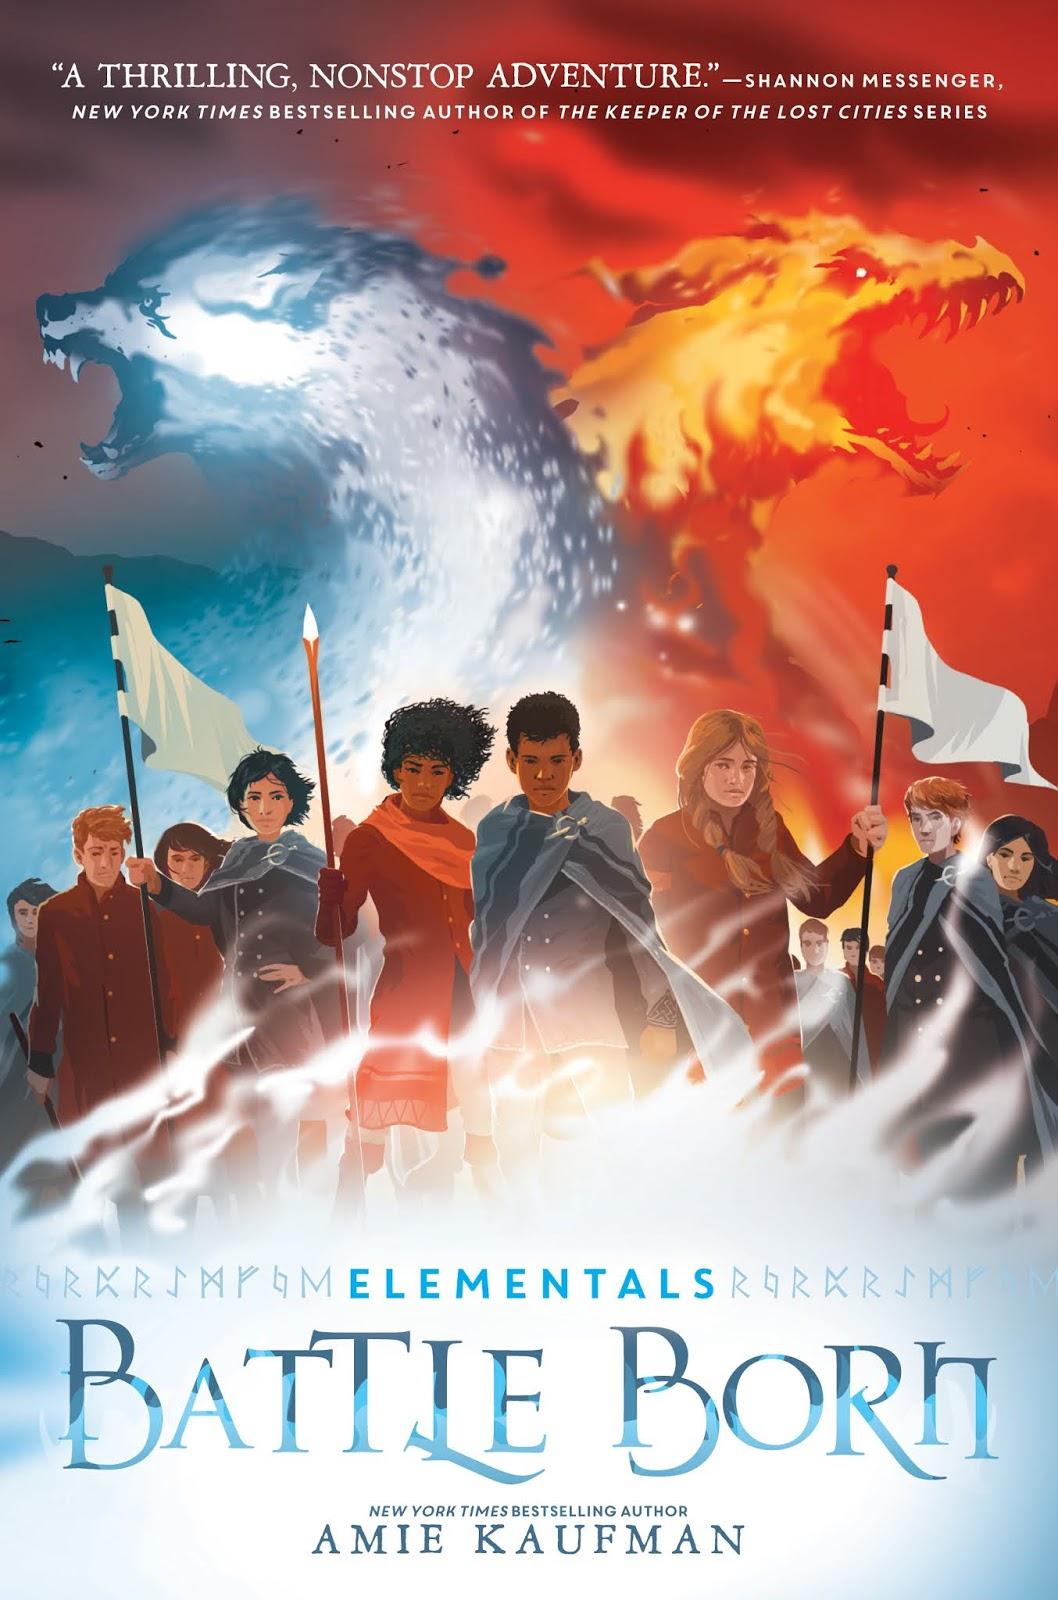 Elementals: Battle Born by Amie Kaufman